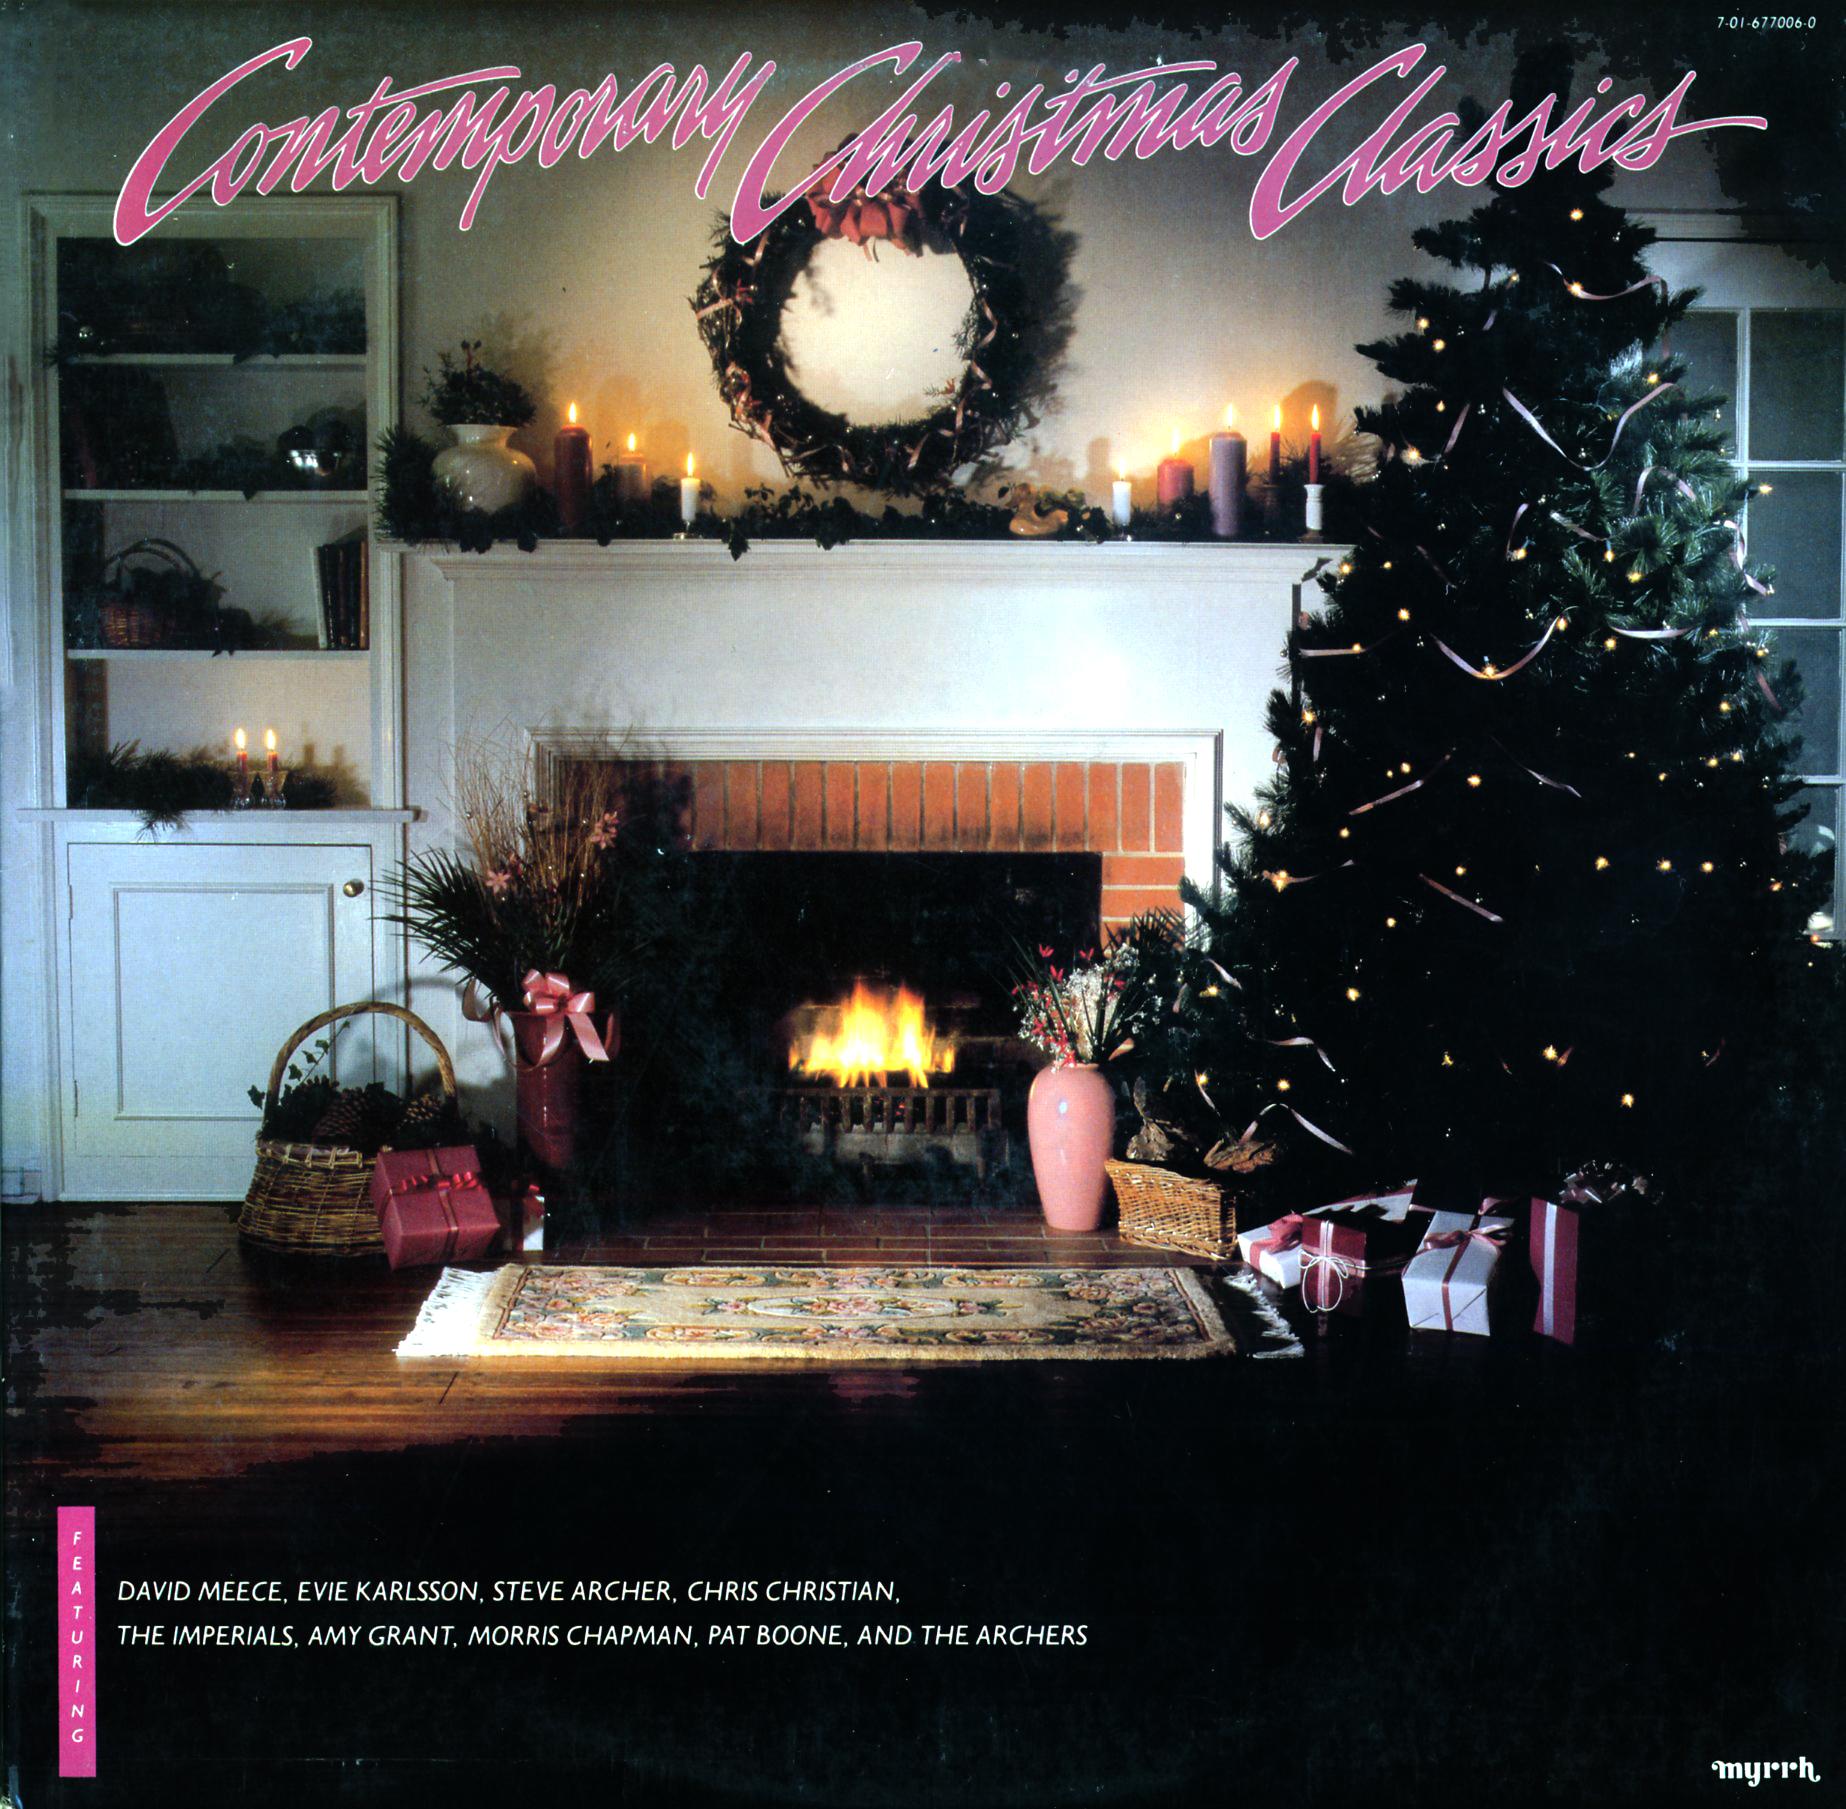 LP - Contemporary Christmas Classics